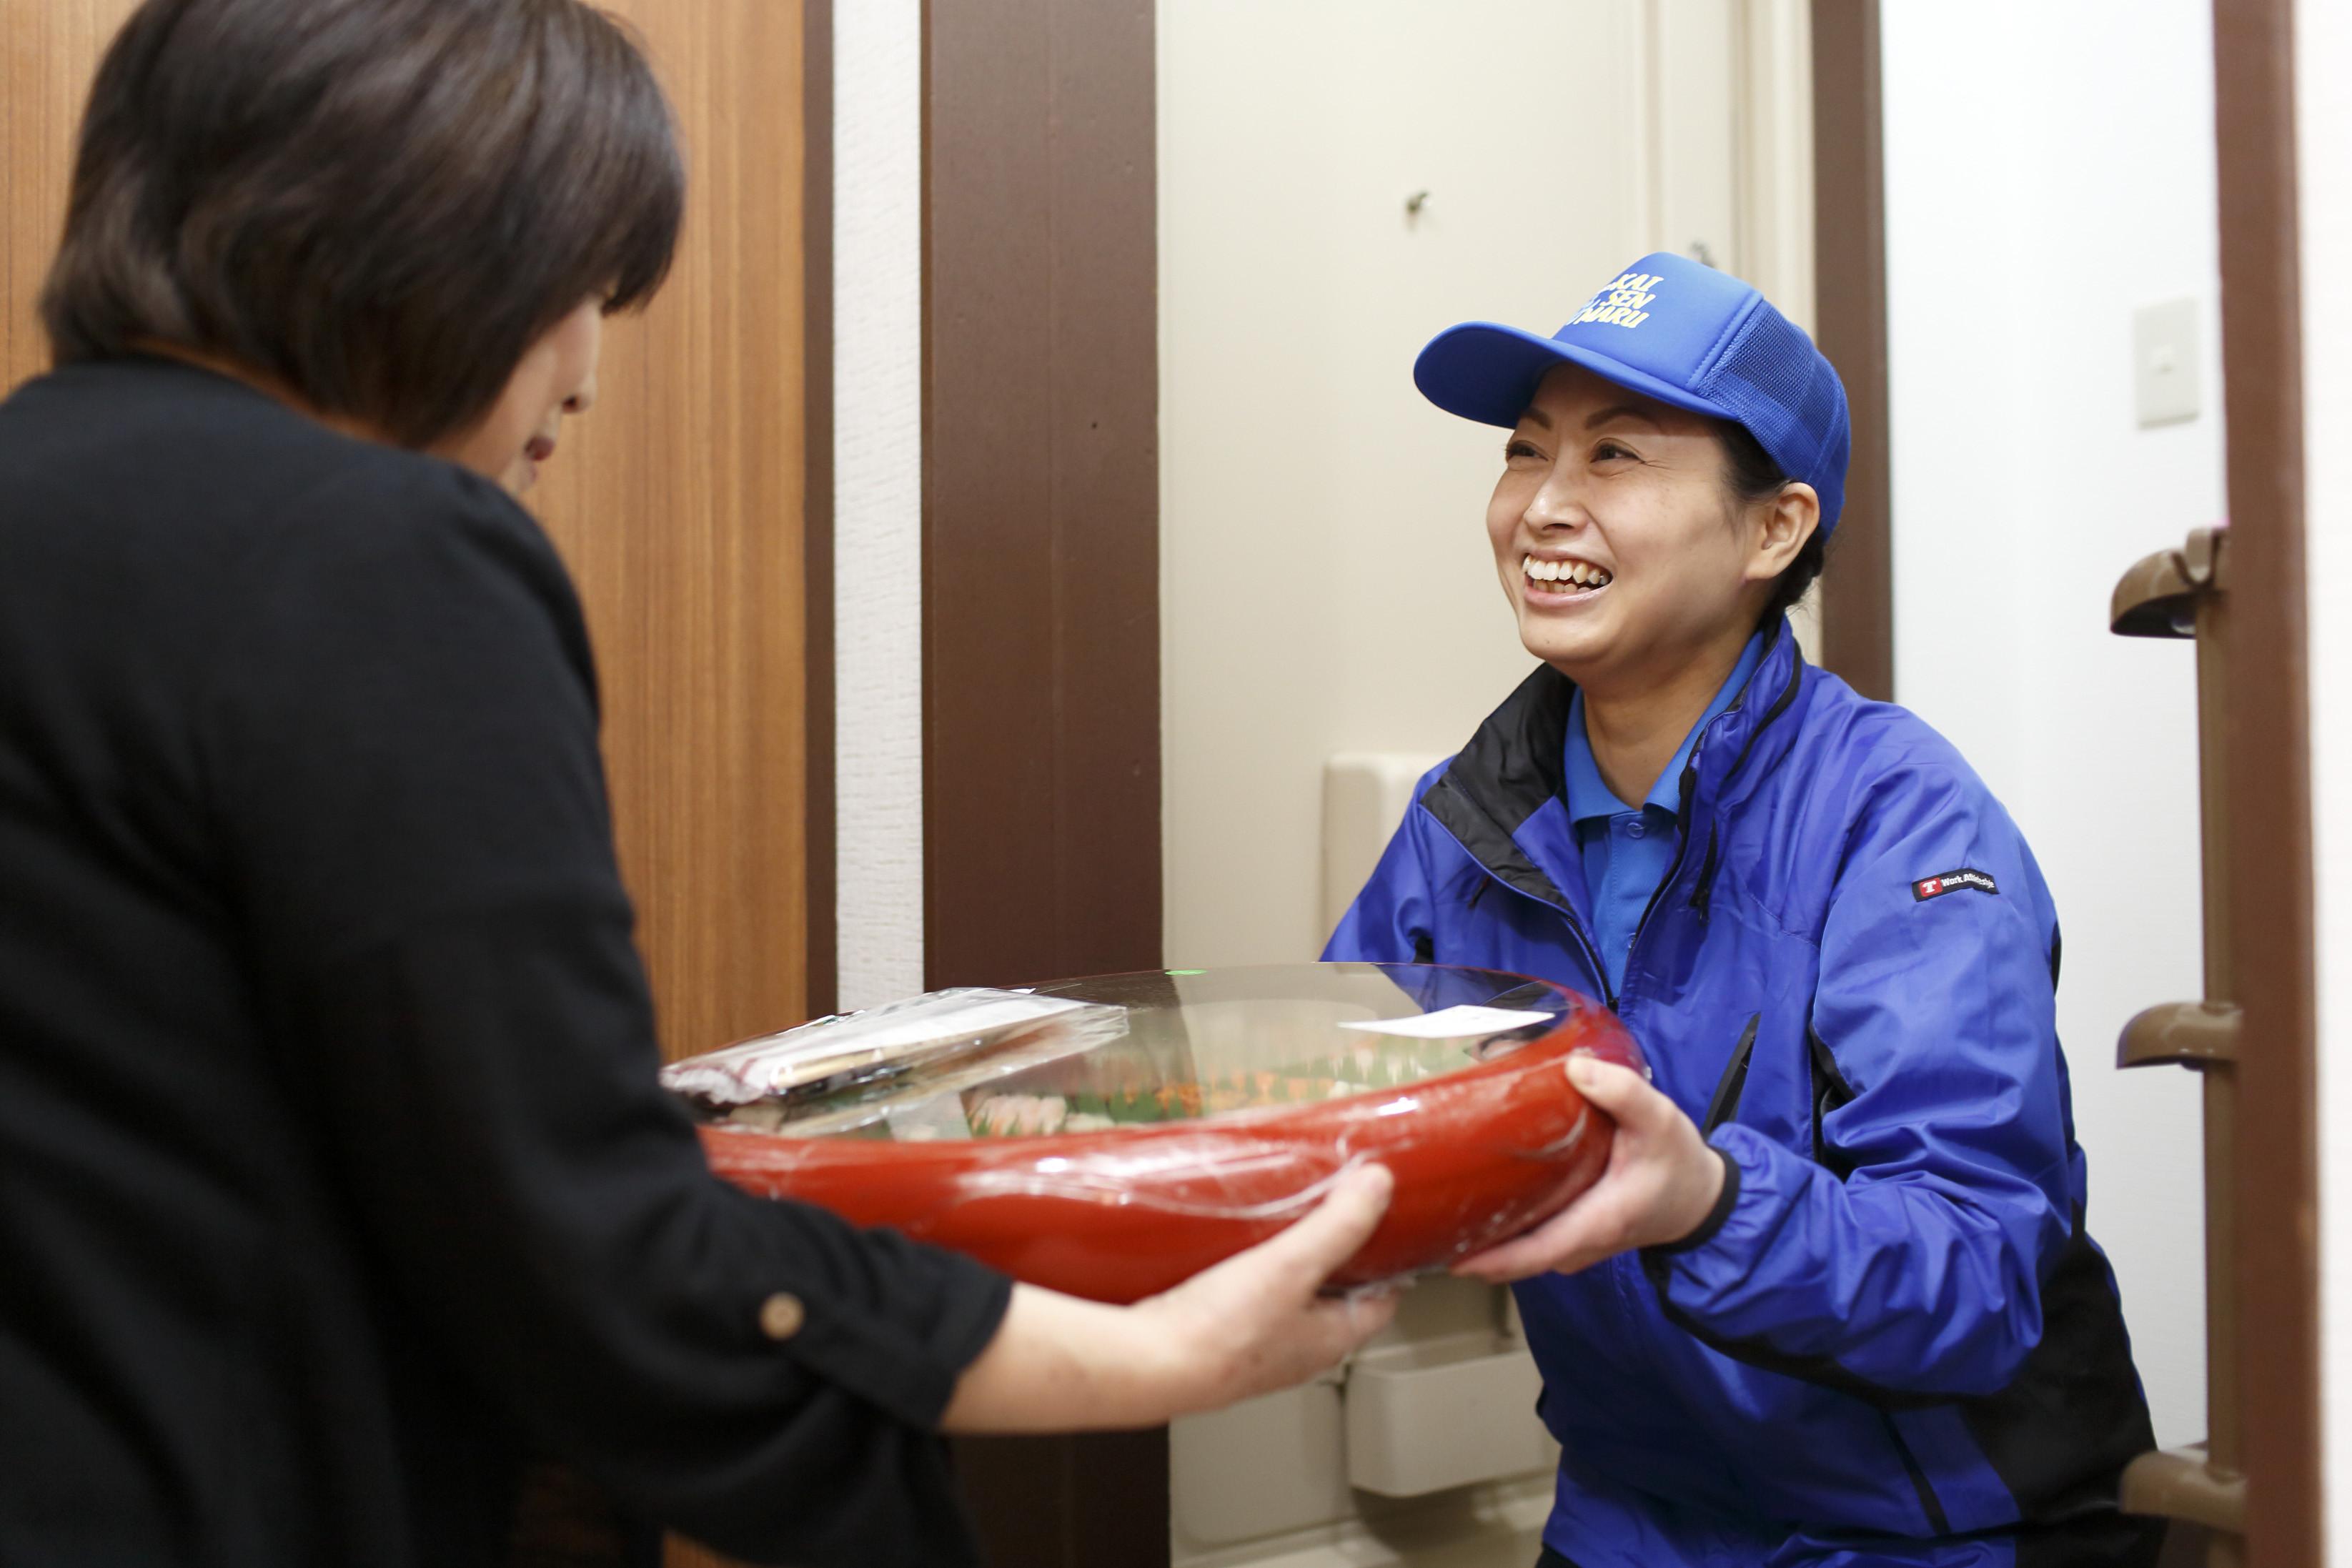 札幌海鮮丸 澄川店 デリバリー(配達)スタッフのアルバイト情報